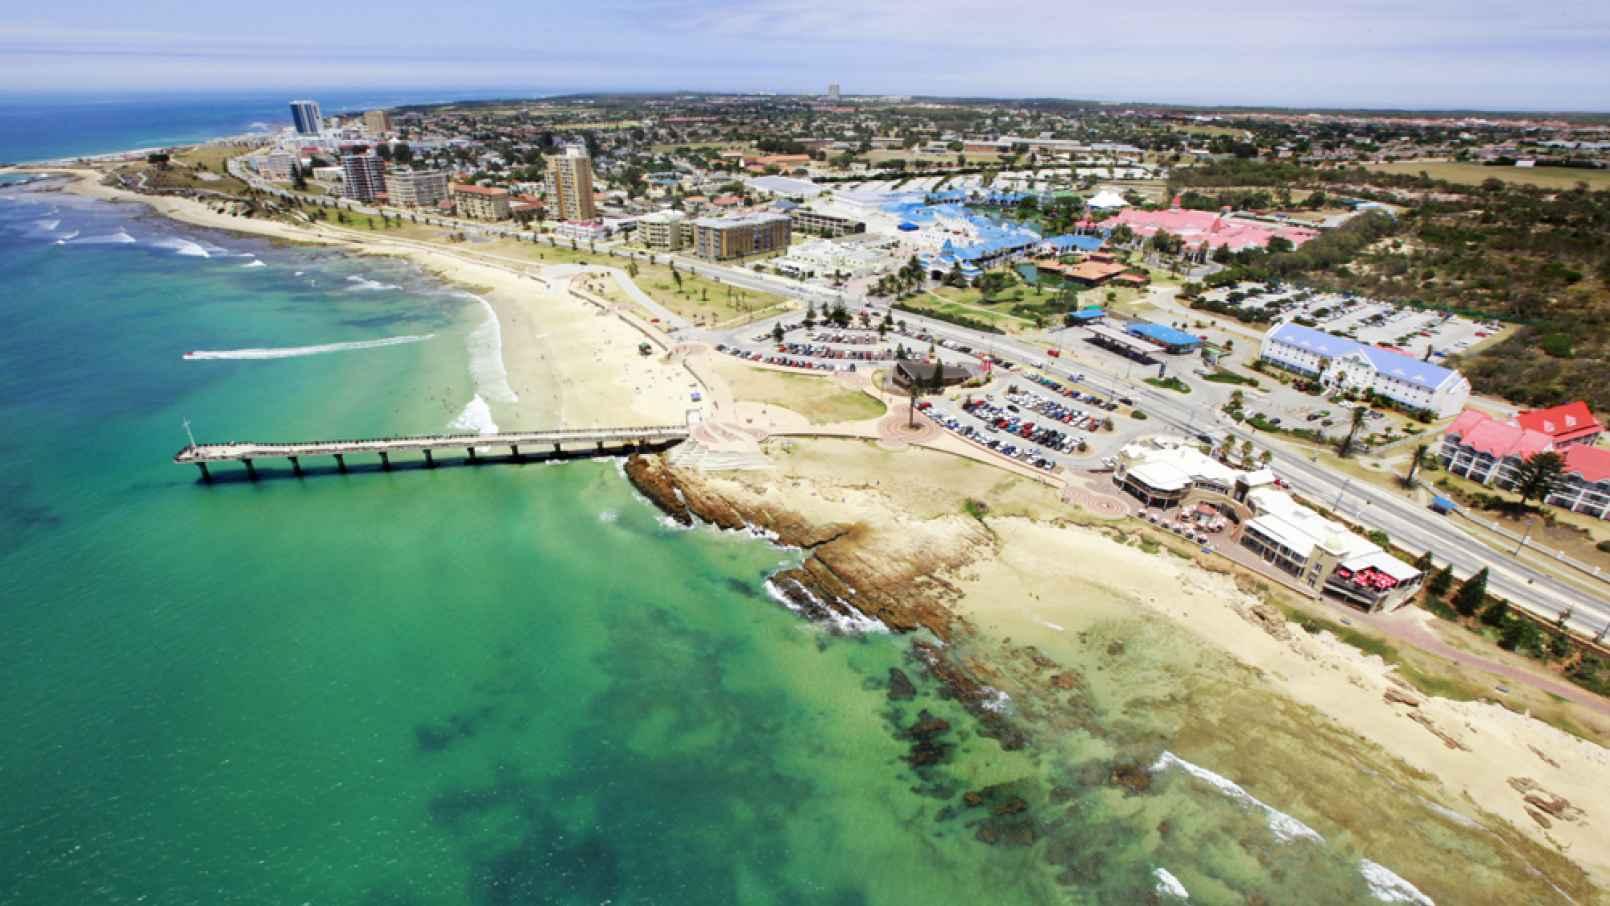 port elizabeth Travel massive - 5 Kota di Afrika Selatan yang Memikat dan Wajib Dikunjungi